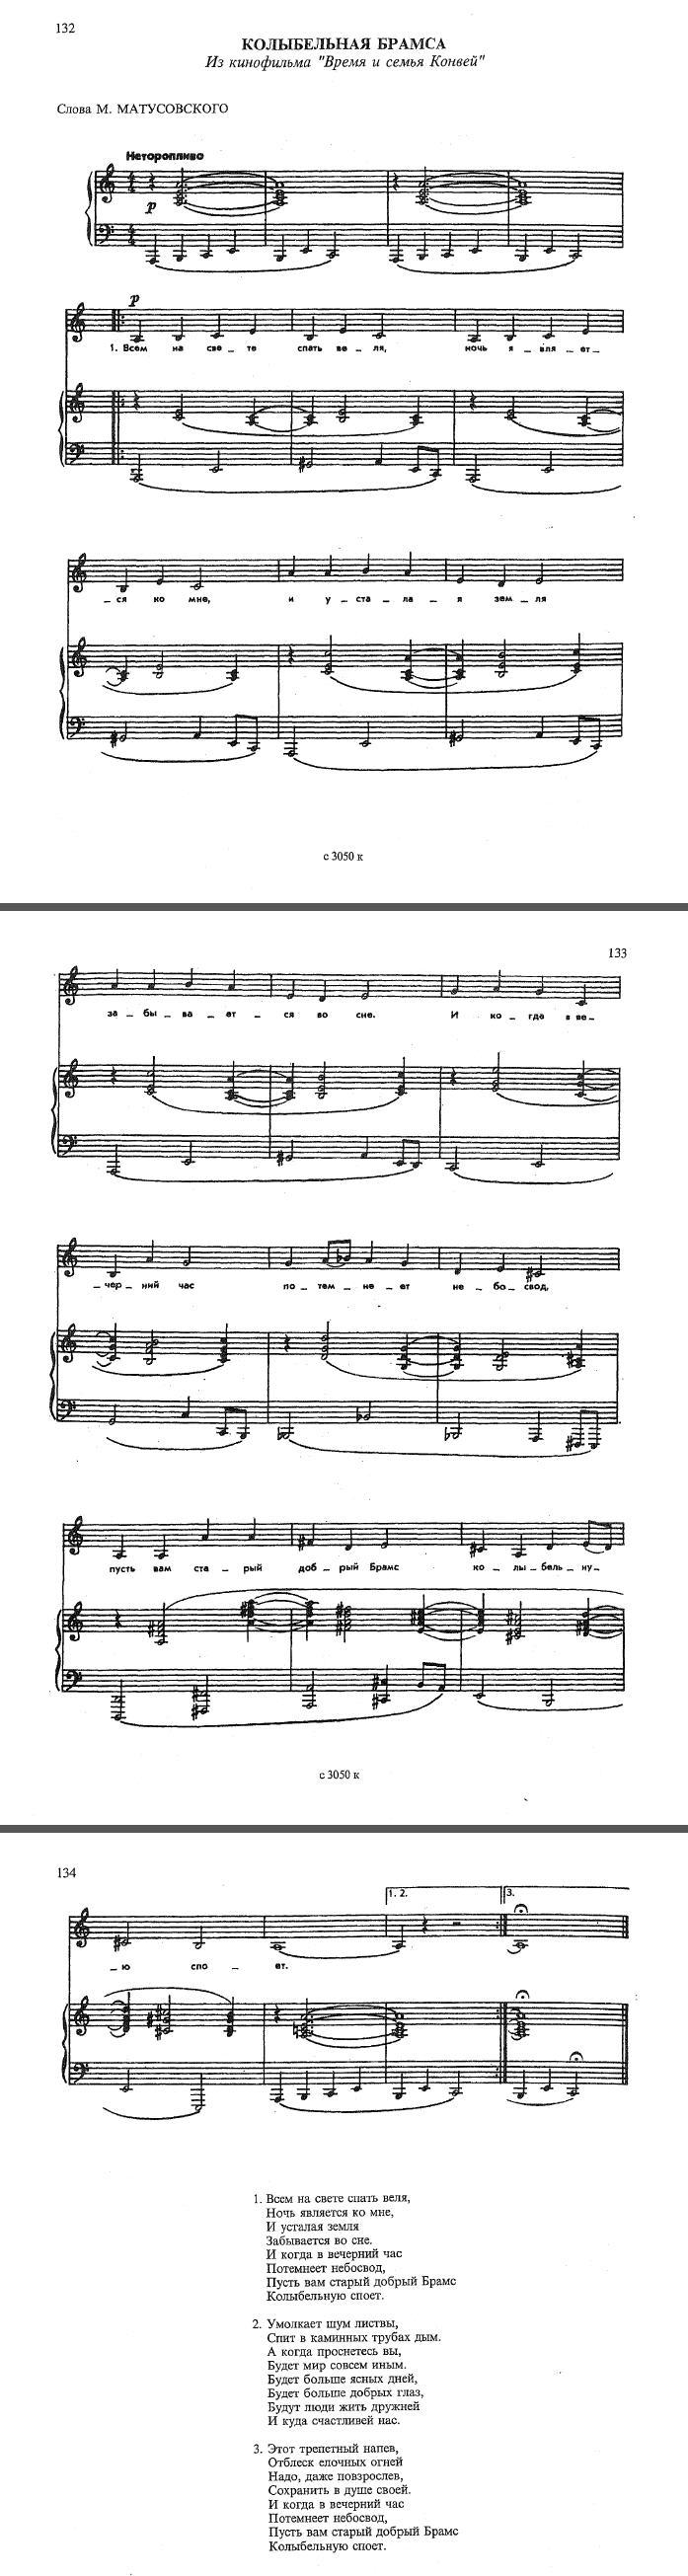 Колыбельная Брамса - ноты